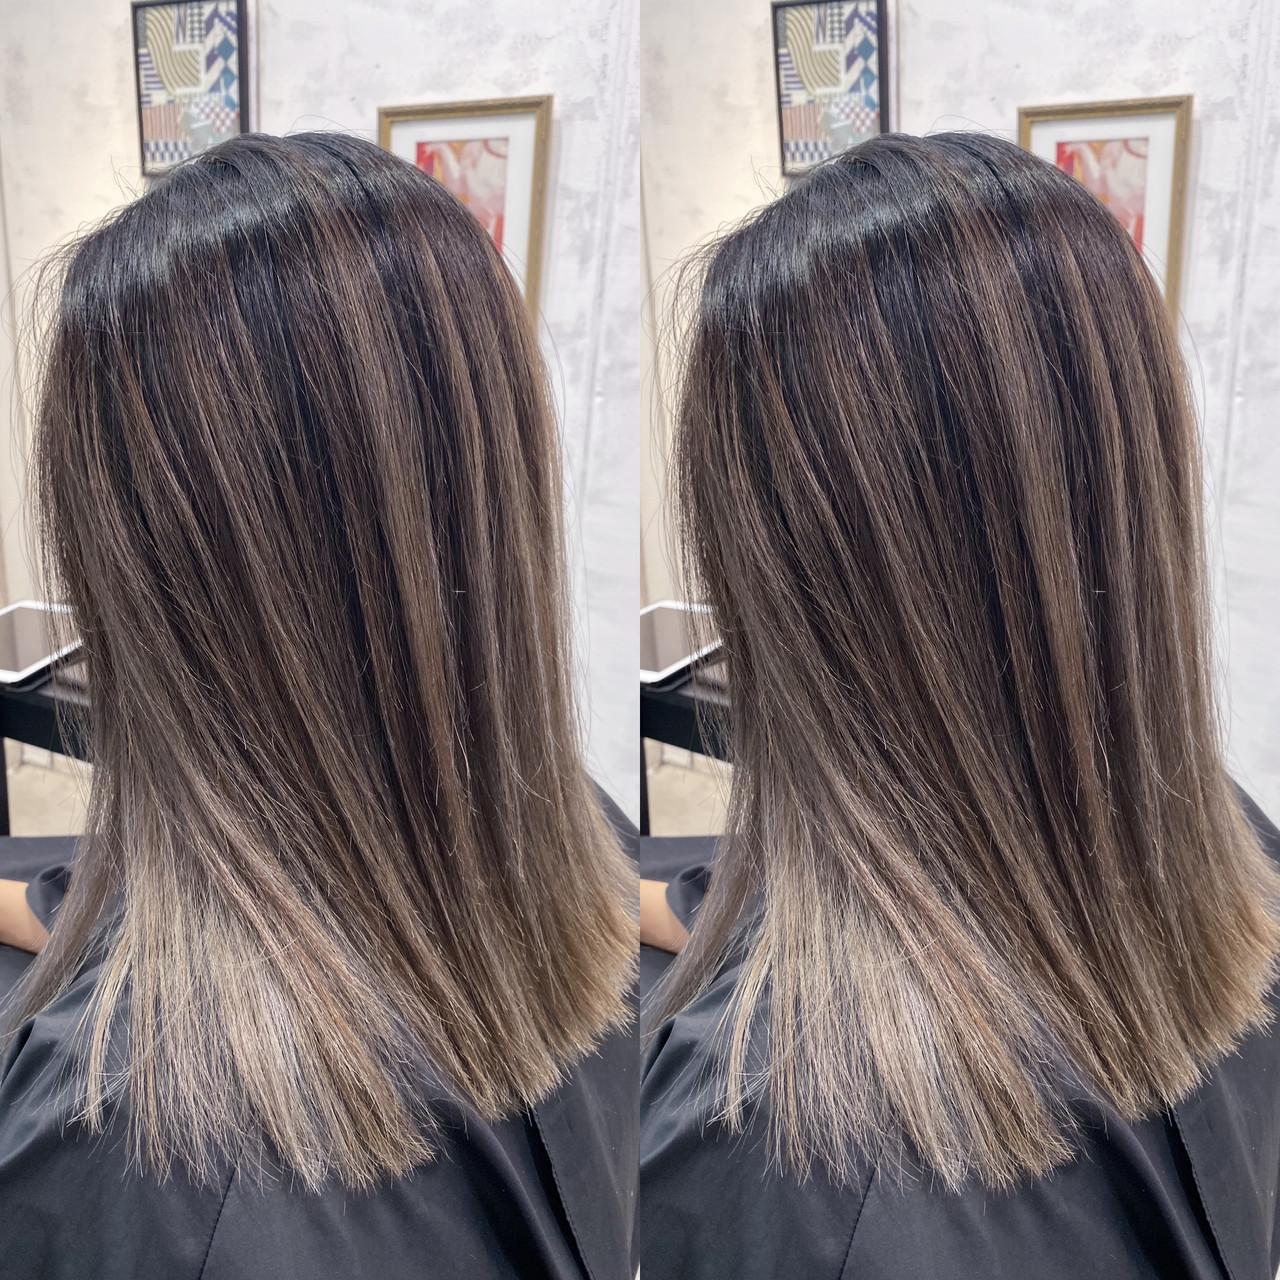 ホワイトハイライト ミルクティーベージュ コントラストハイライト ボブ ヘアスタイルや髪型の写真・画像 | 寺坂 雄飛 / banks hair